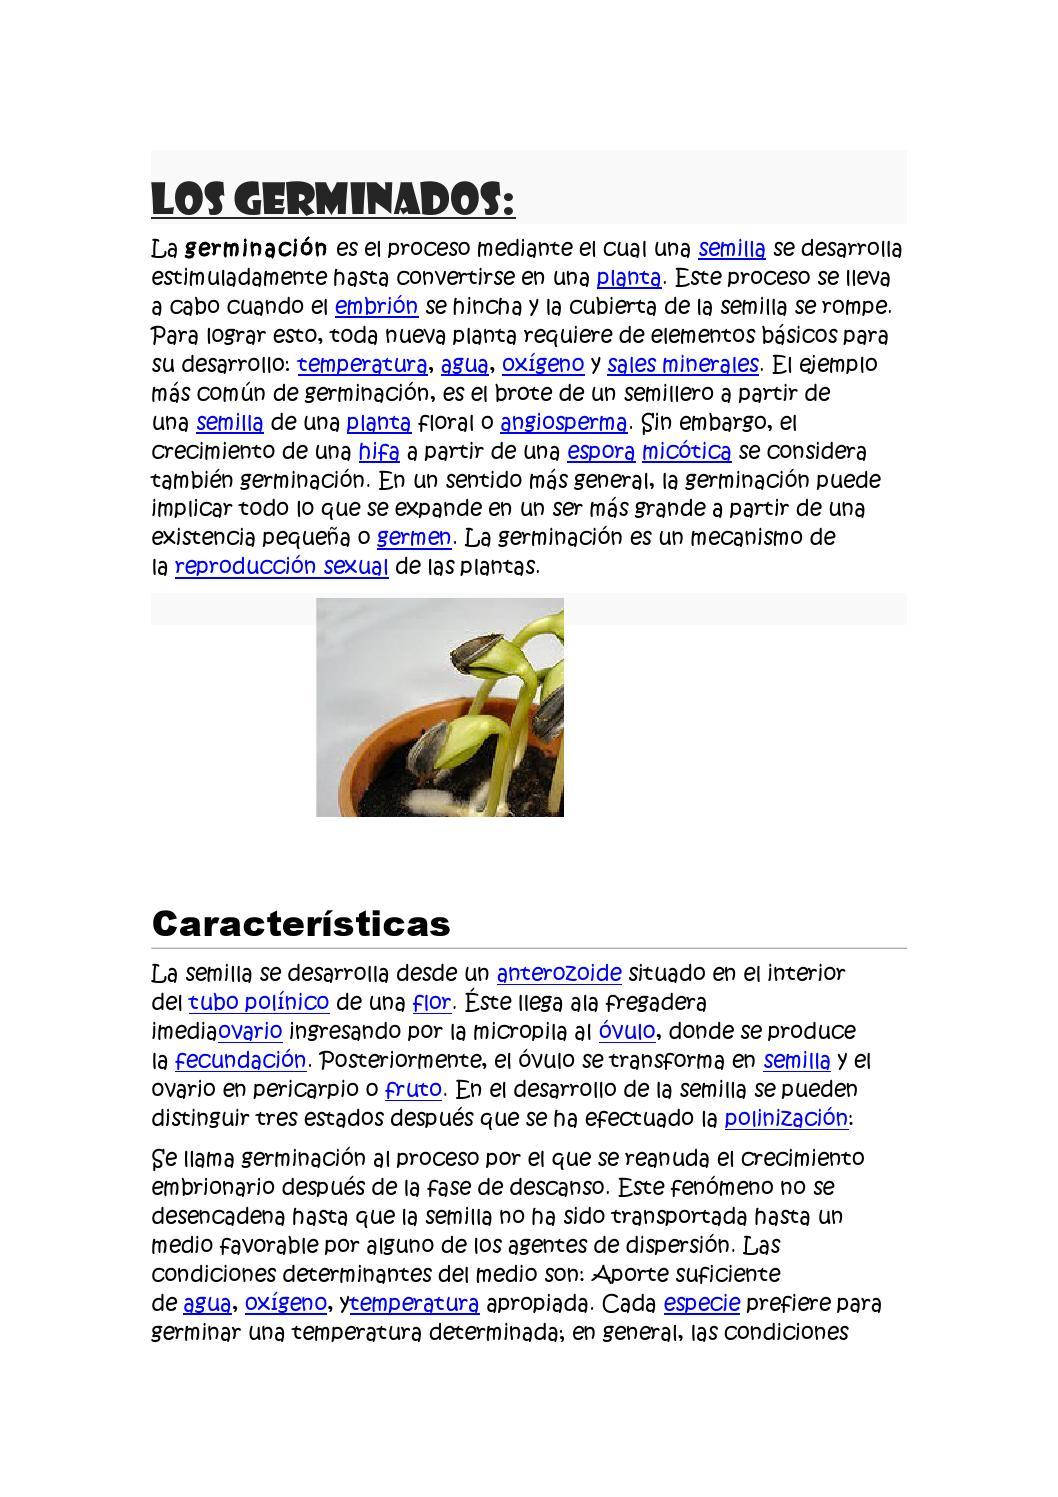 Los germinados by hilachabi - issuu